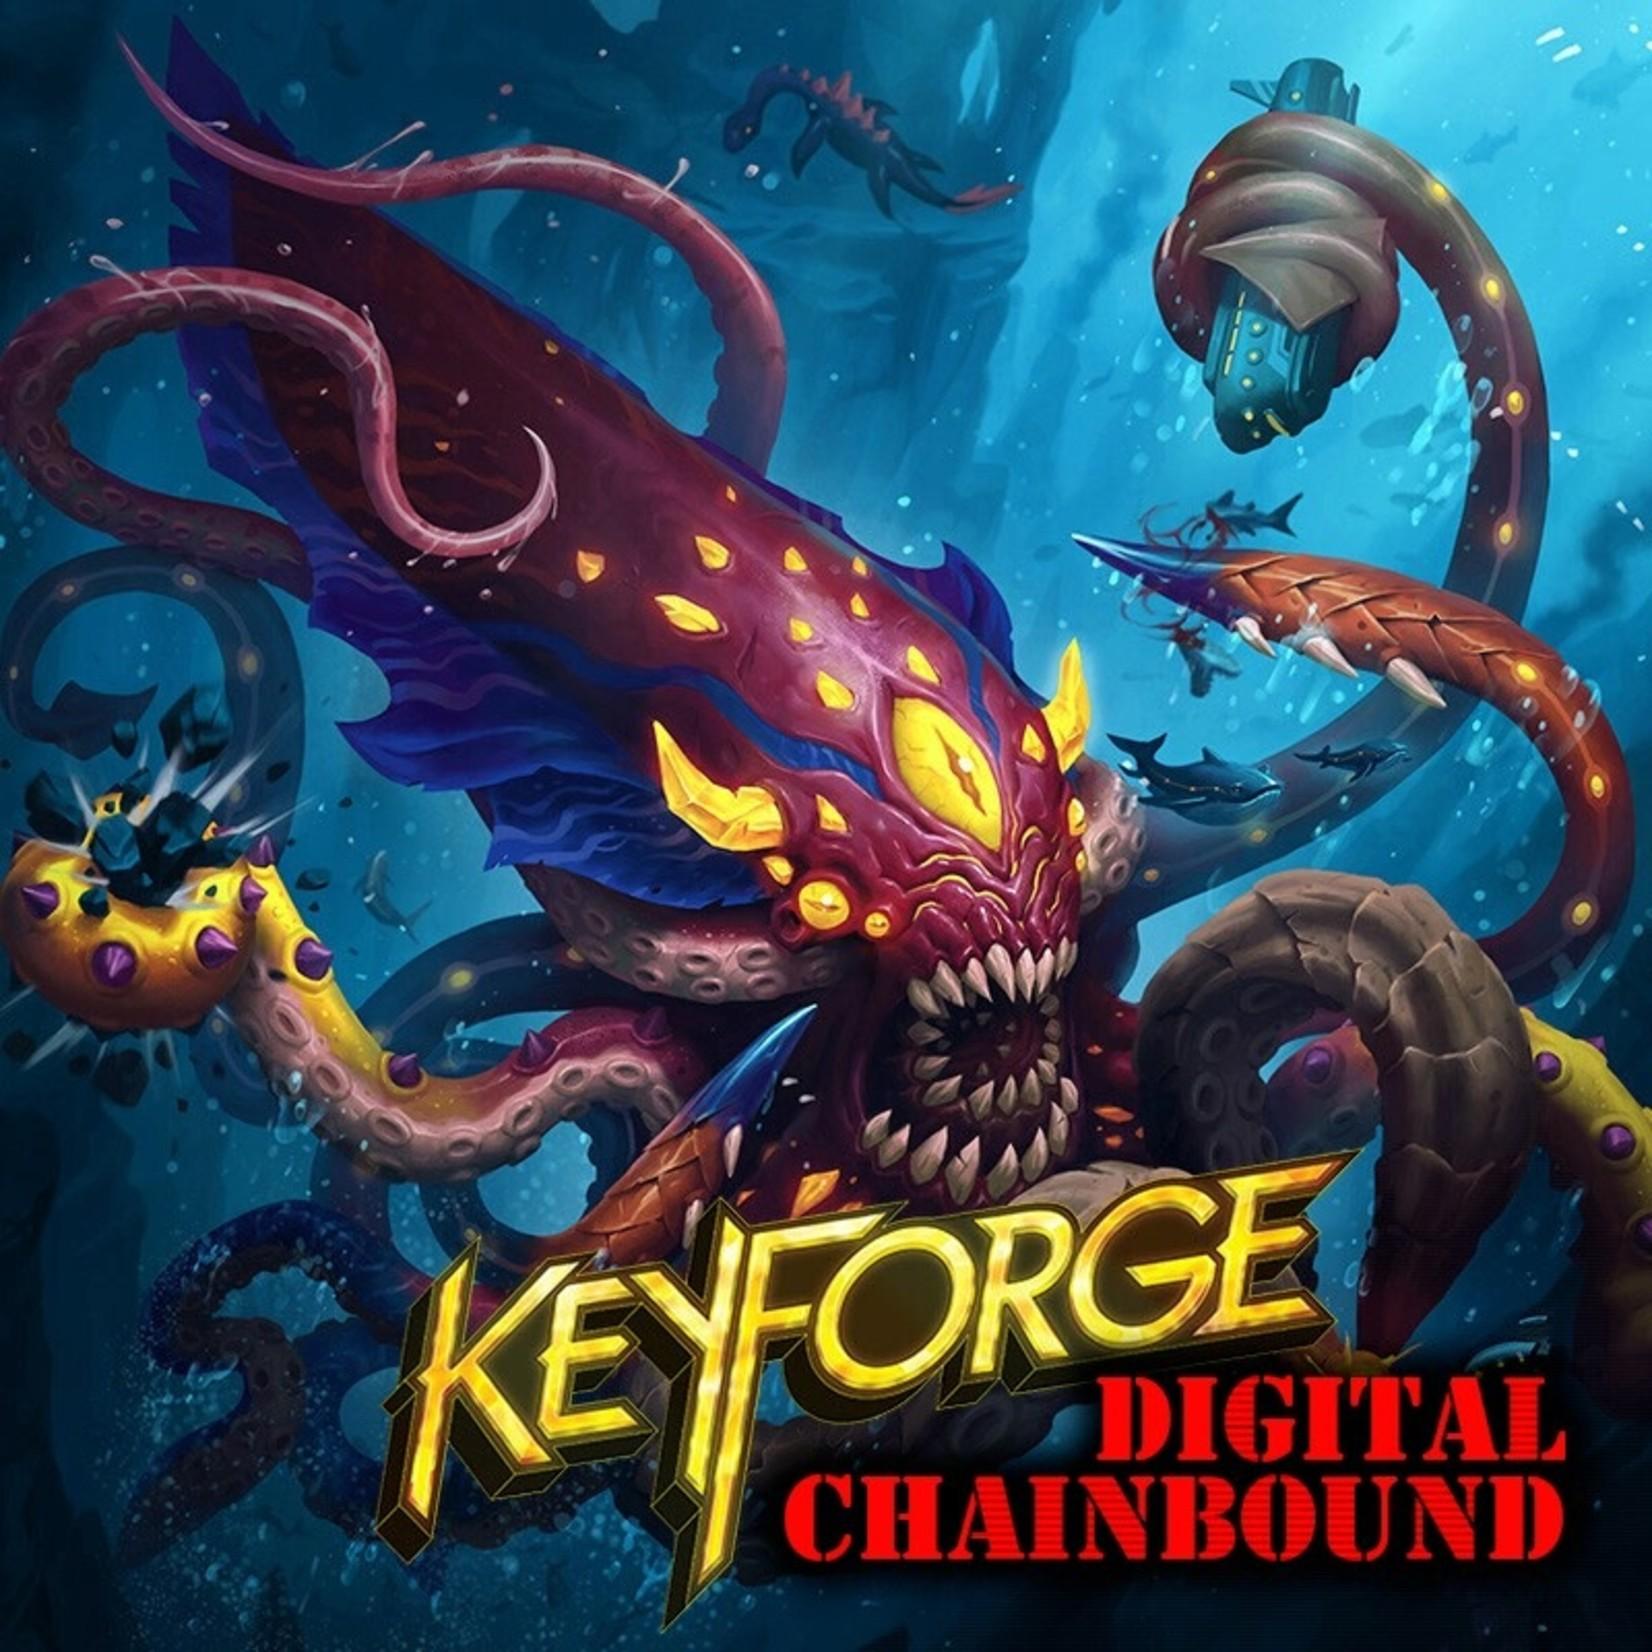 Fair Game Admission: Keyforge Digital Chainbound (June 3)